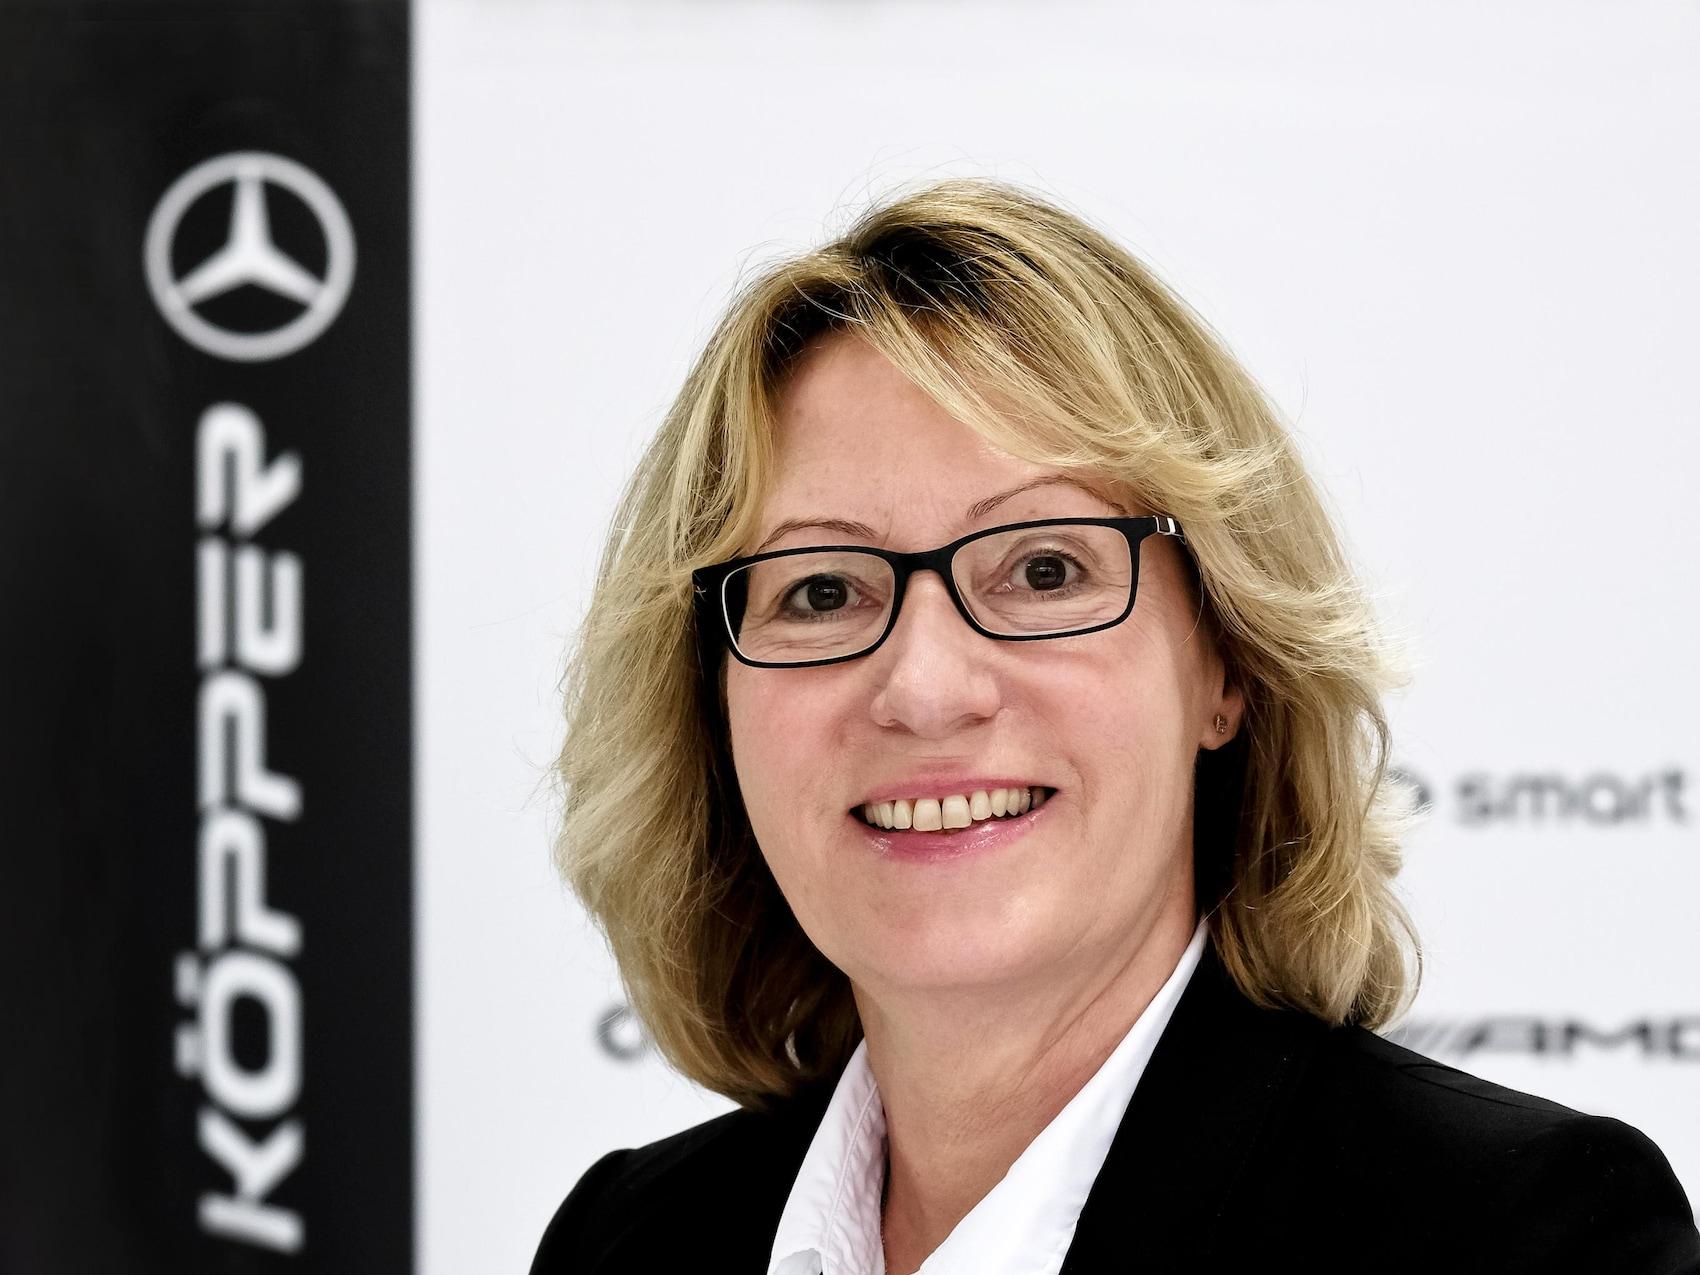 Auto-Koepper-Marita-Breuer.jpg